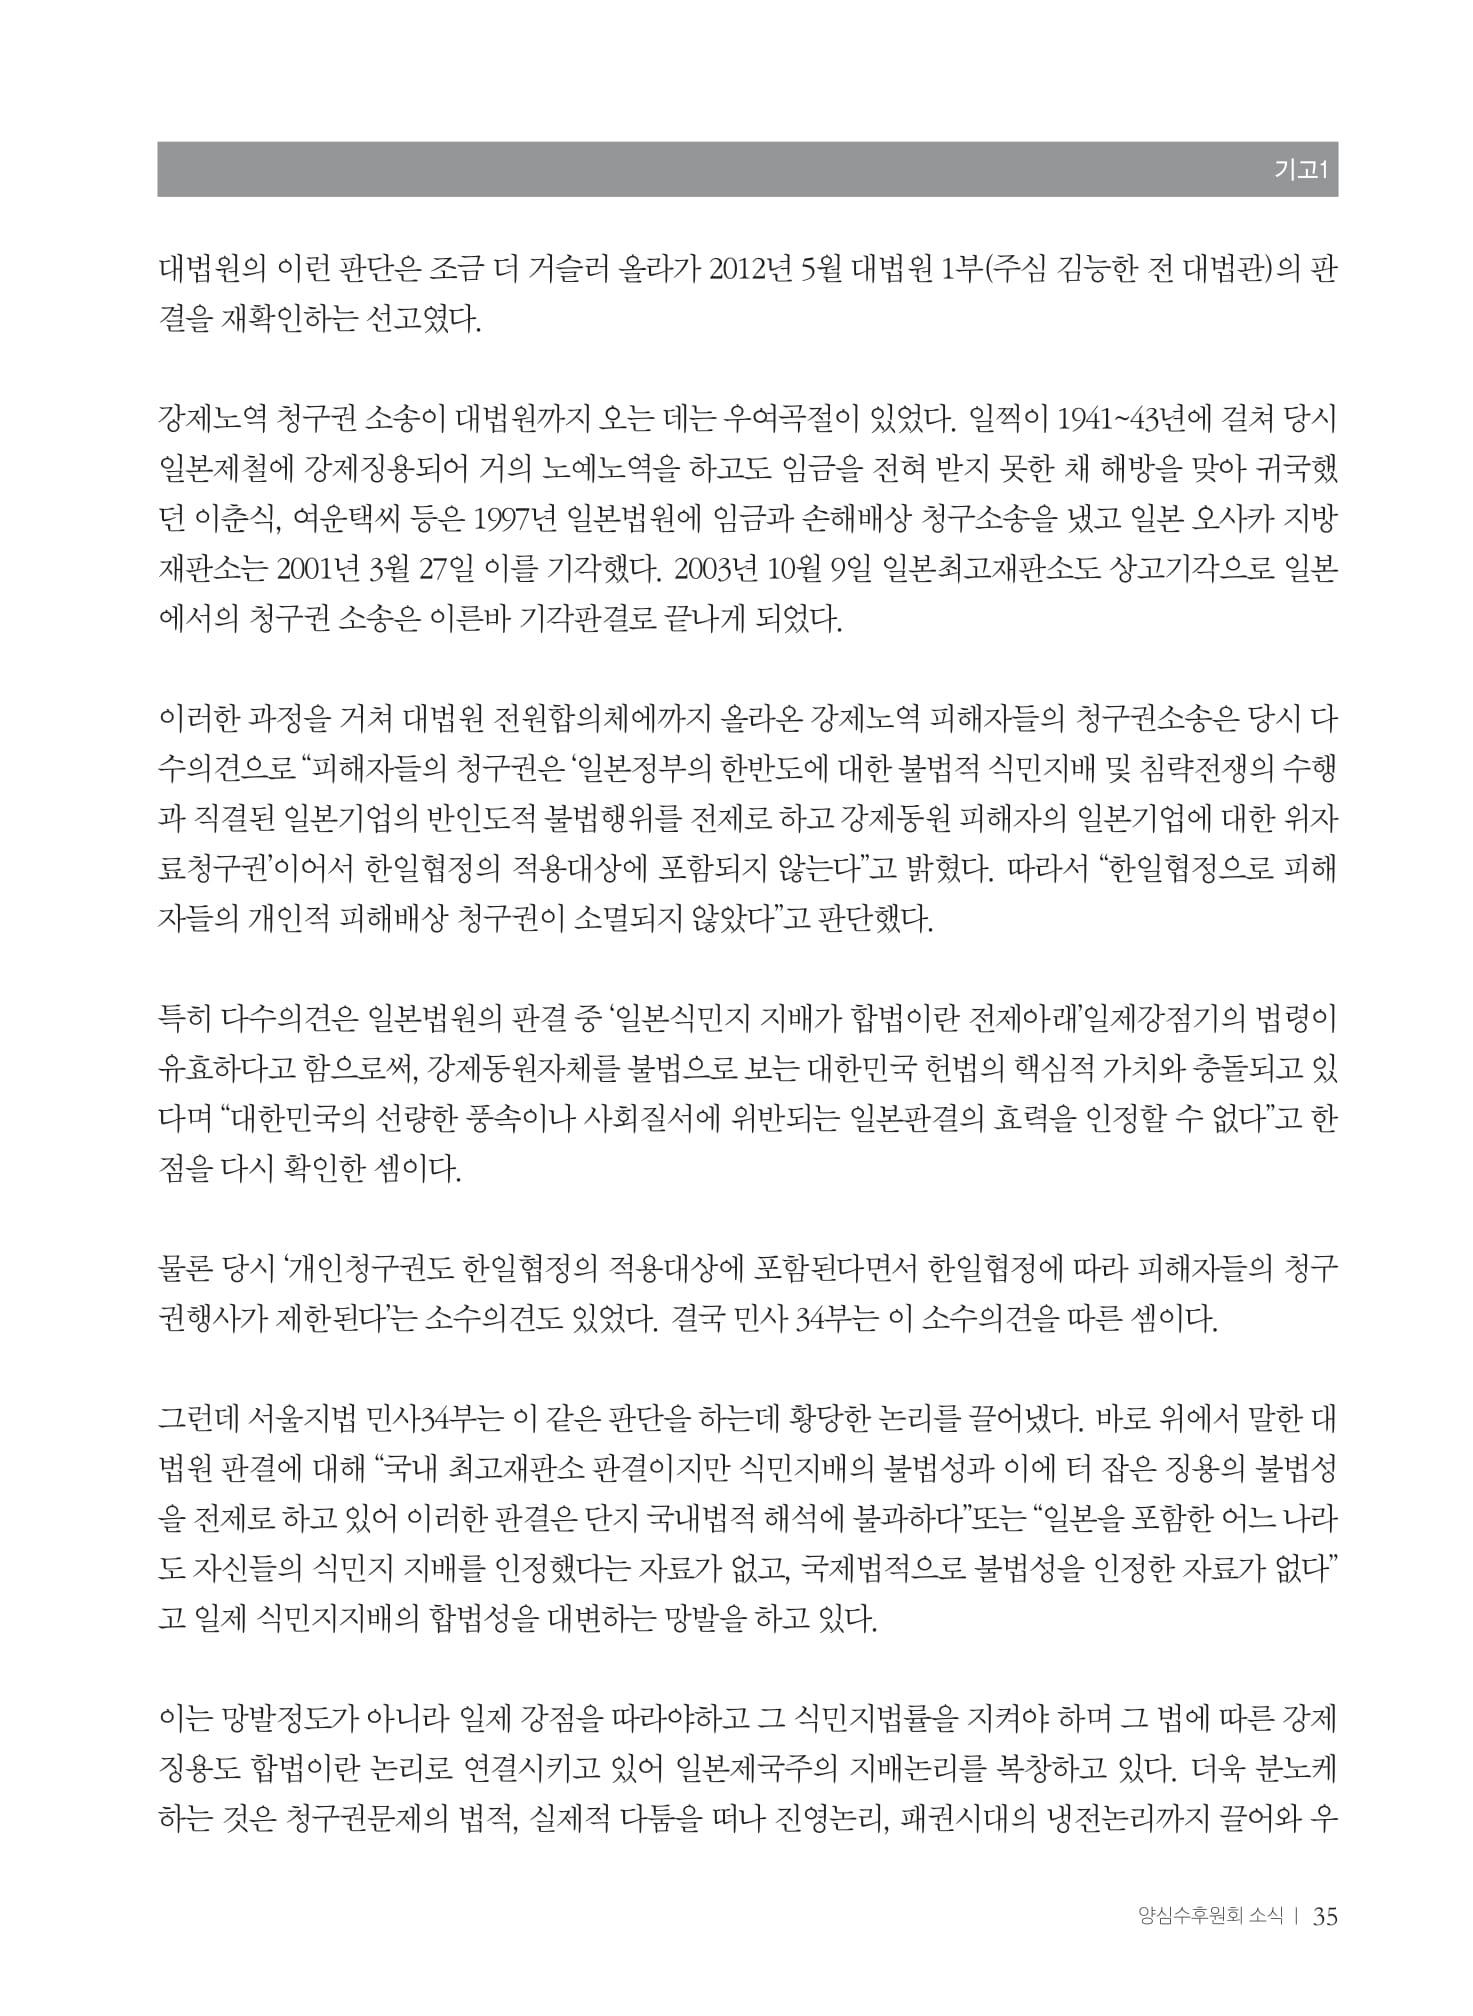 [양심수후원회] 소식지 354호 web 수정-37.jpg